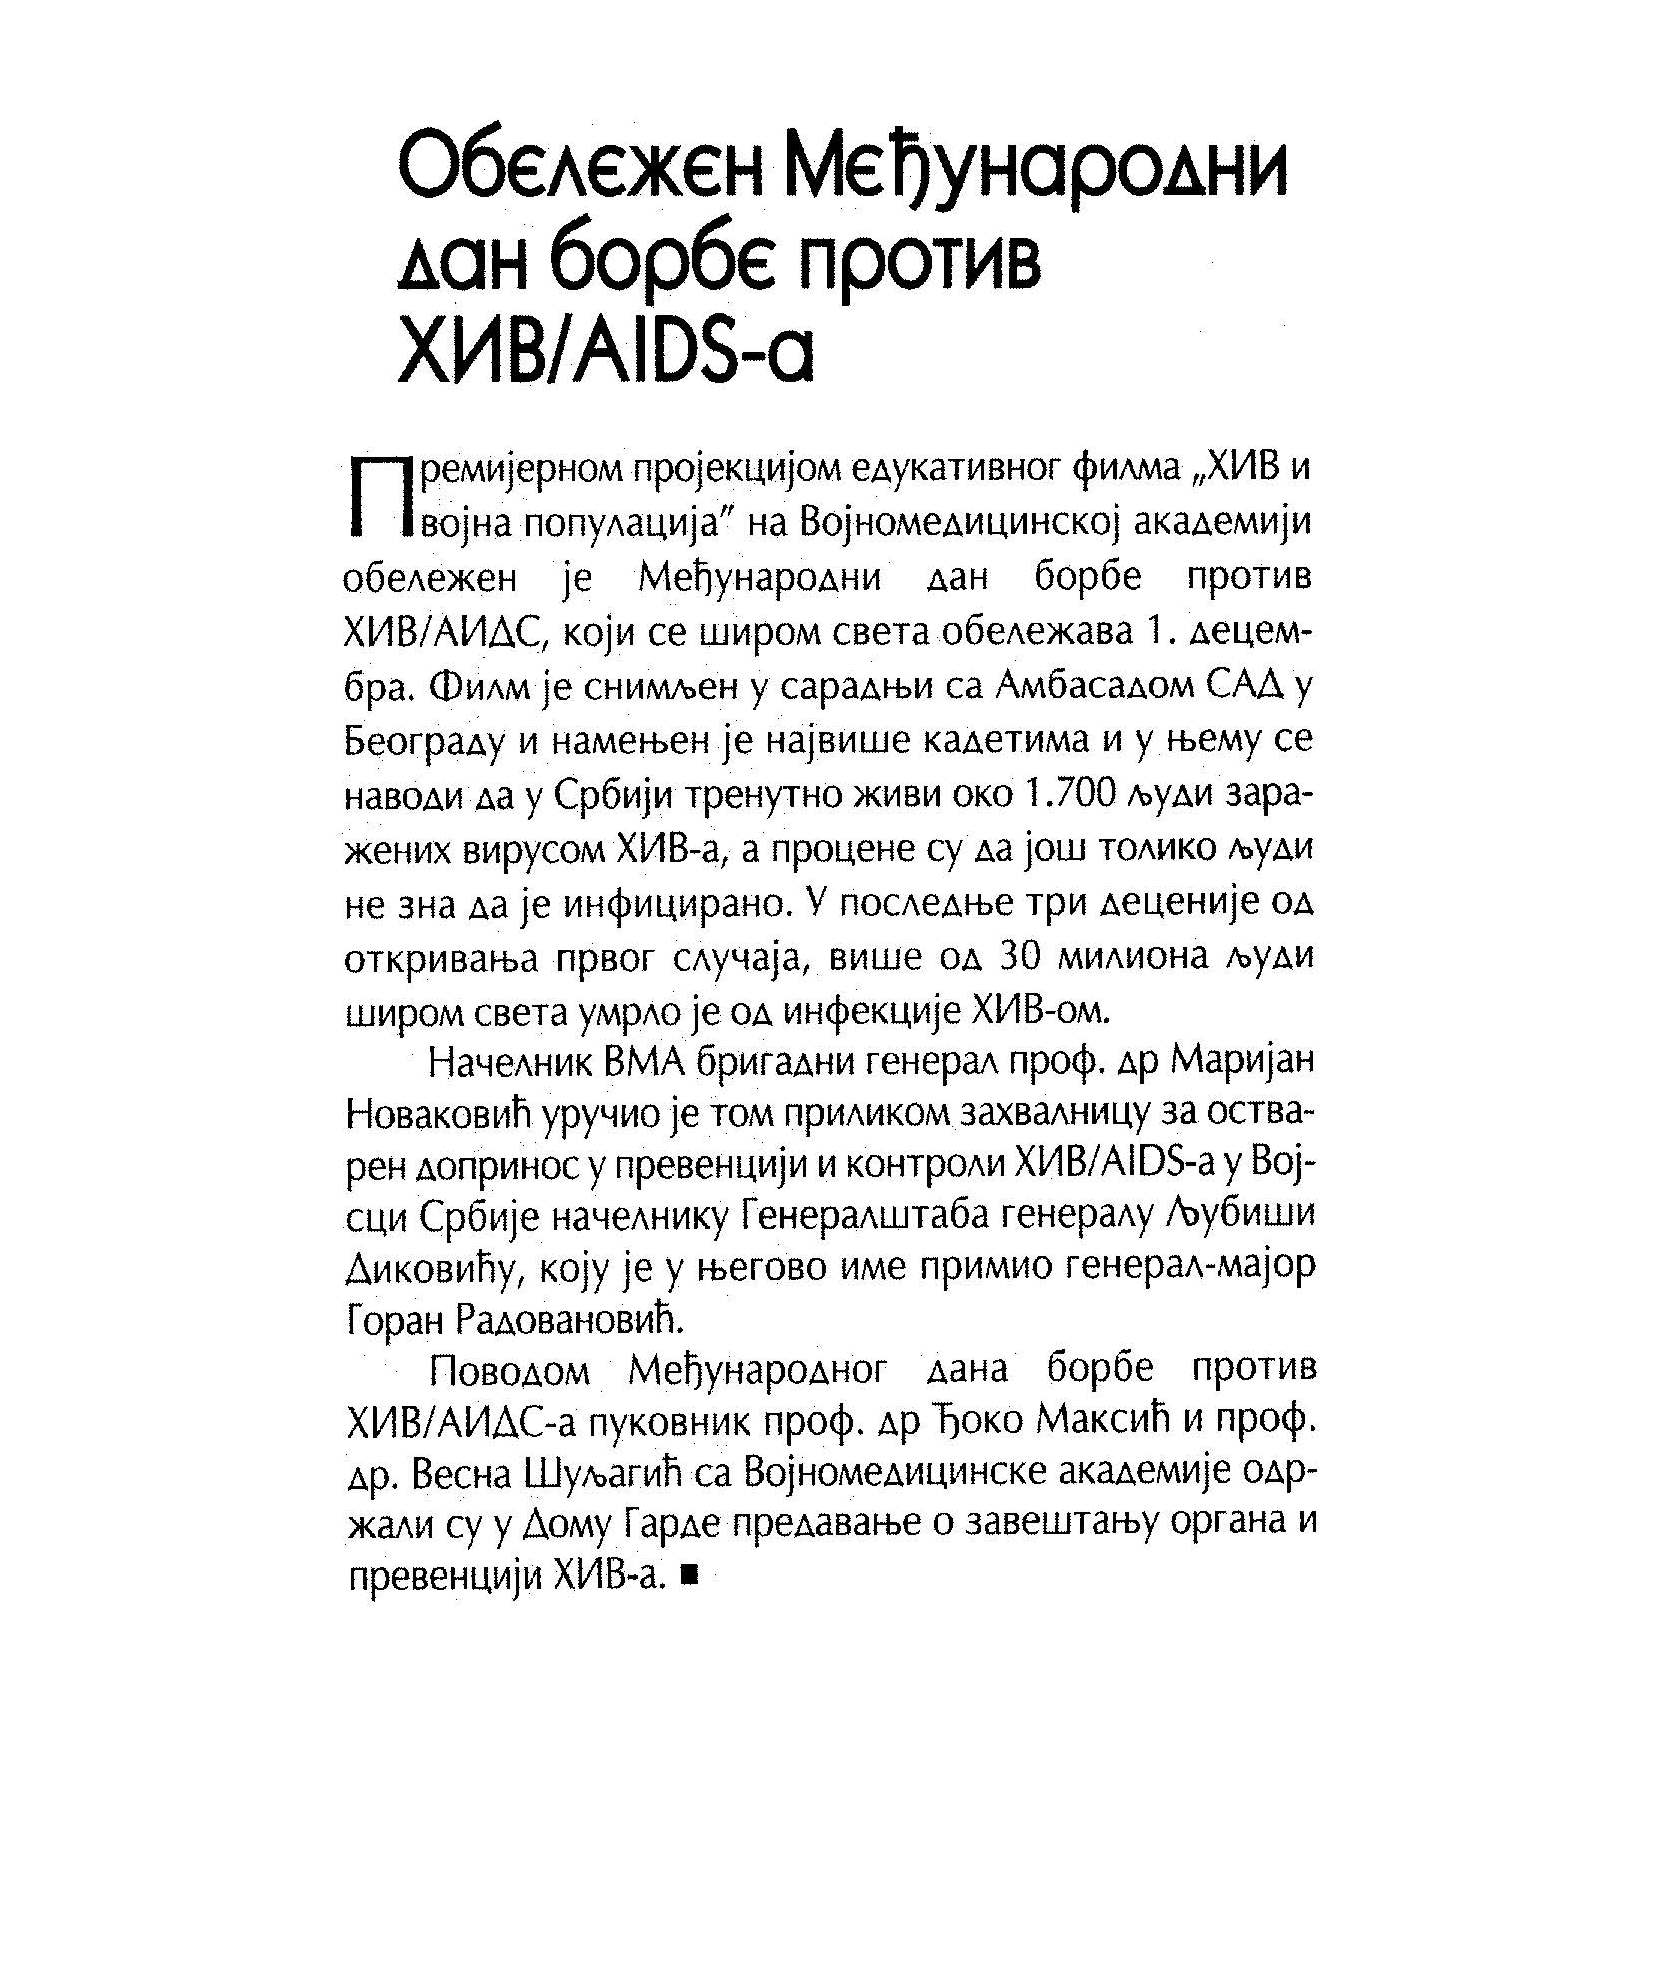 HIV Odbrana 12 2013.jpg